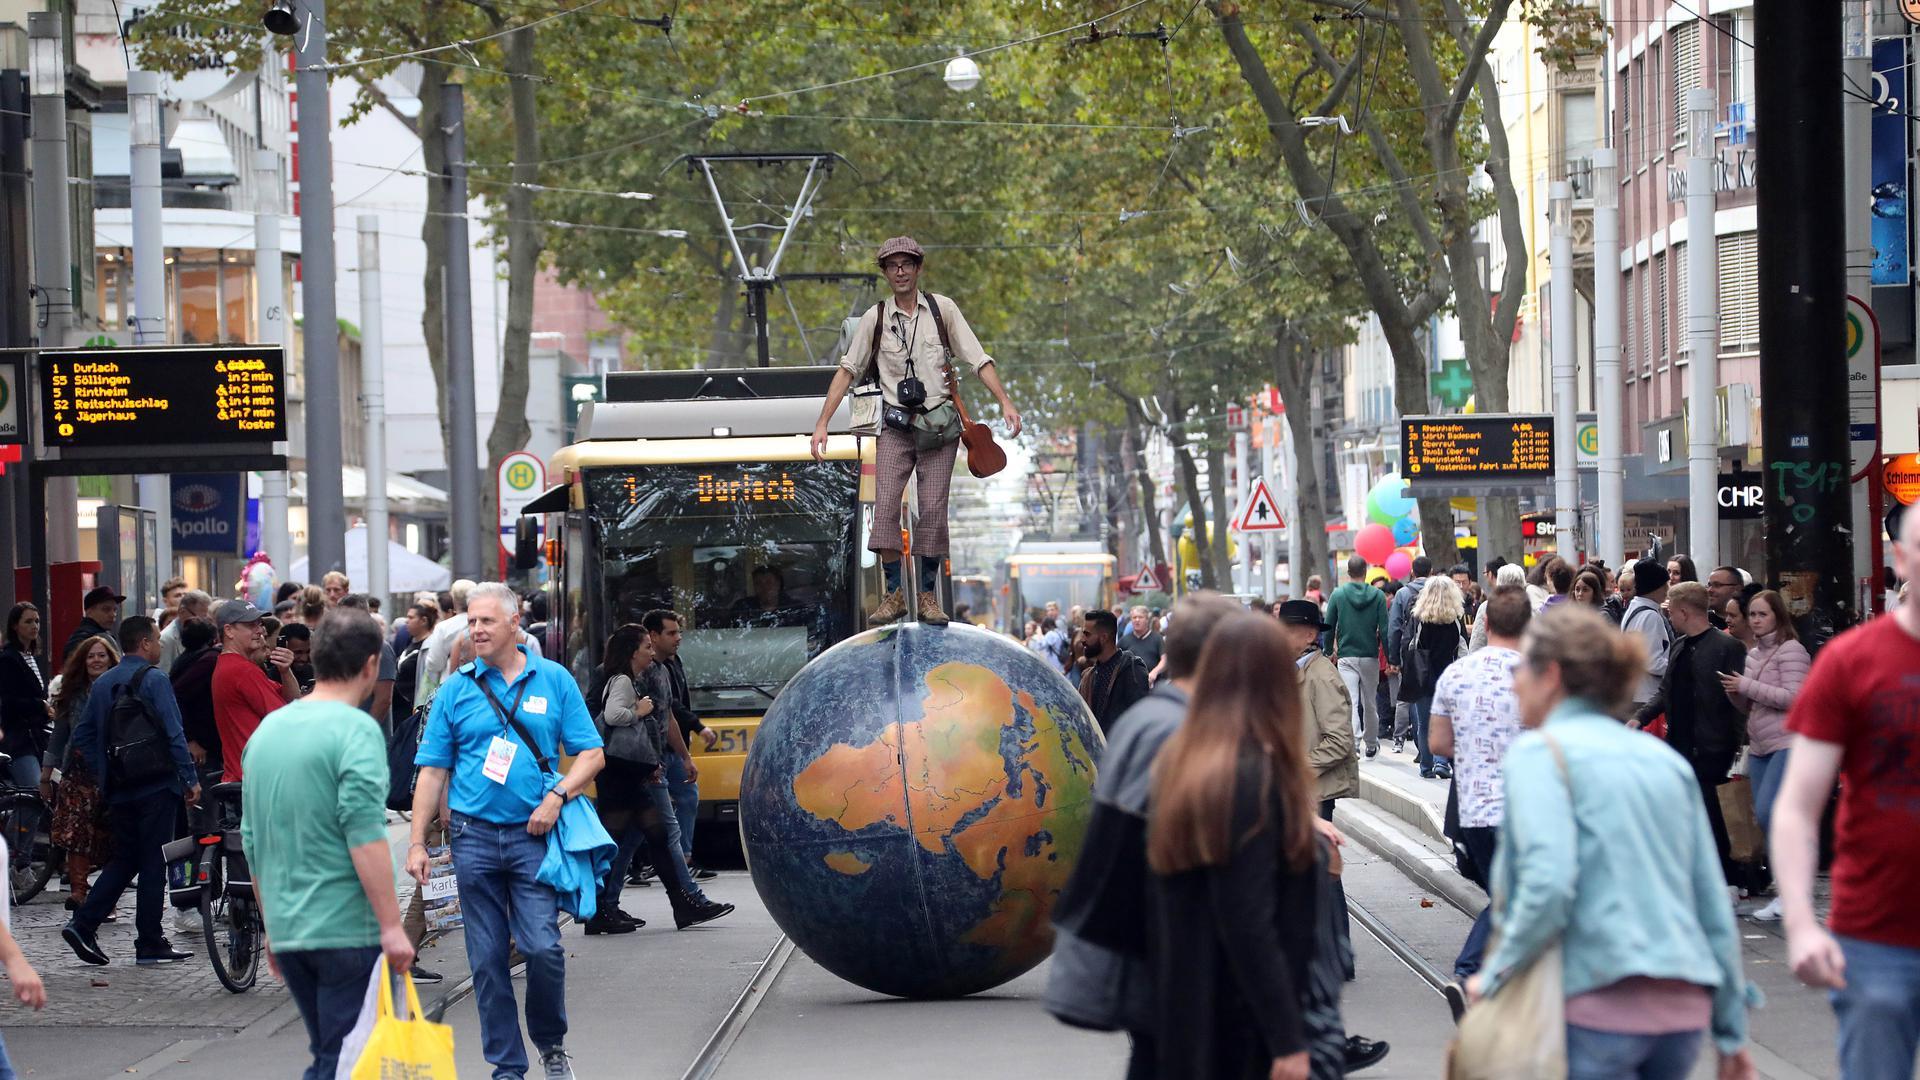 Beim Karlsruher Stadtfest 2019 kamen einige Hunderttausend Menschen in die Innenstadt, viele nutzten den kostenlosen ÖPNV. 2020 gibt es Corona-bedingt nur ein abgespecktes, dezentrales Programm.